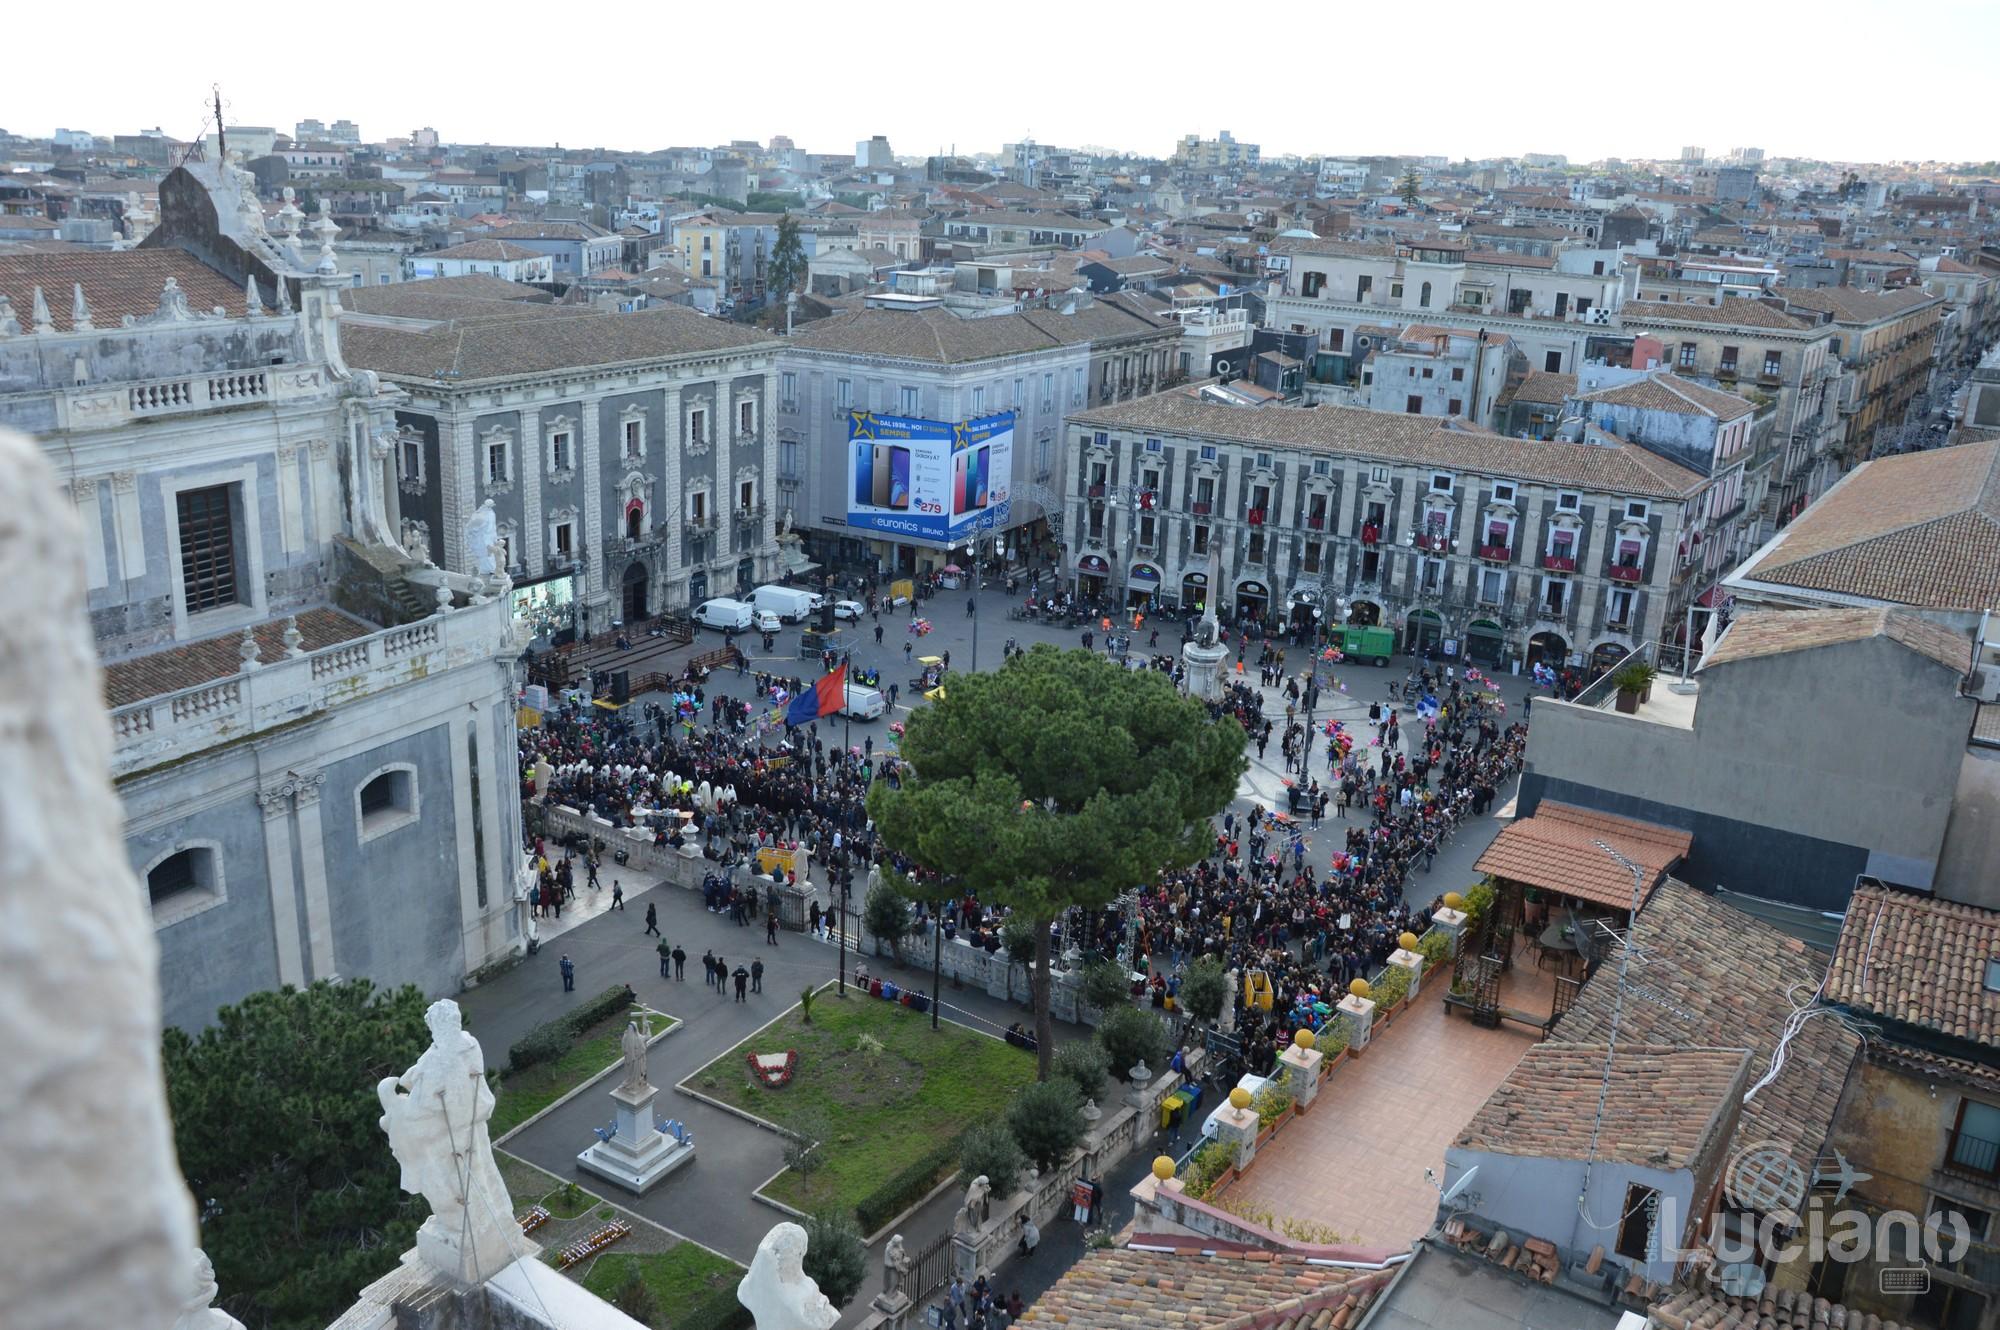 Vista di piazza duomo dalla cupola della Chiesa della Badia di Sant'Agata, durante i festeggiamenti per Sant'Agata 2019 - Catania (CT)